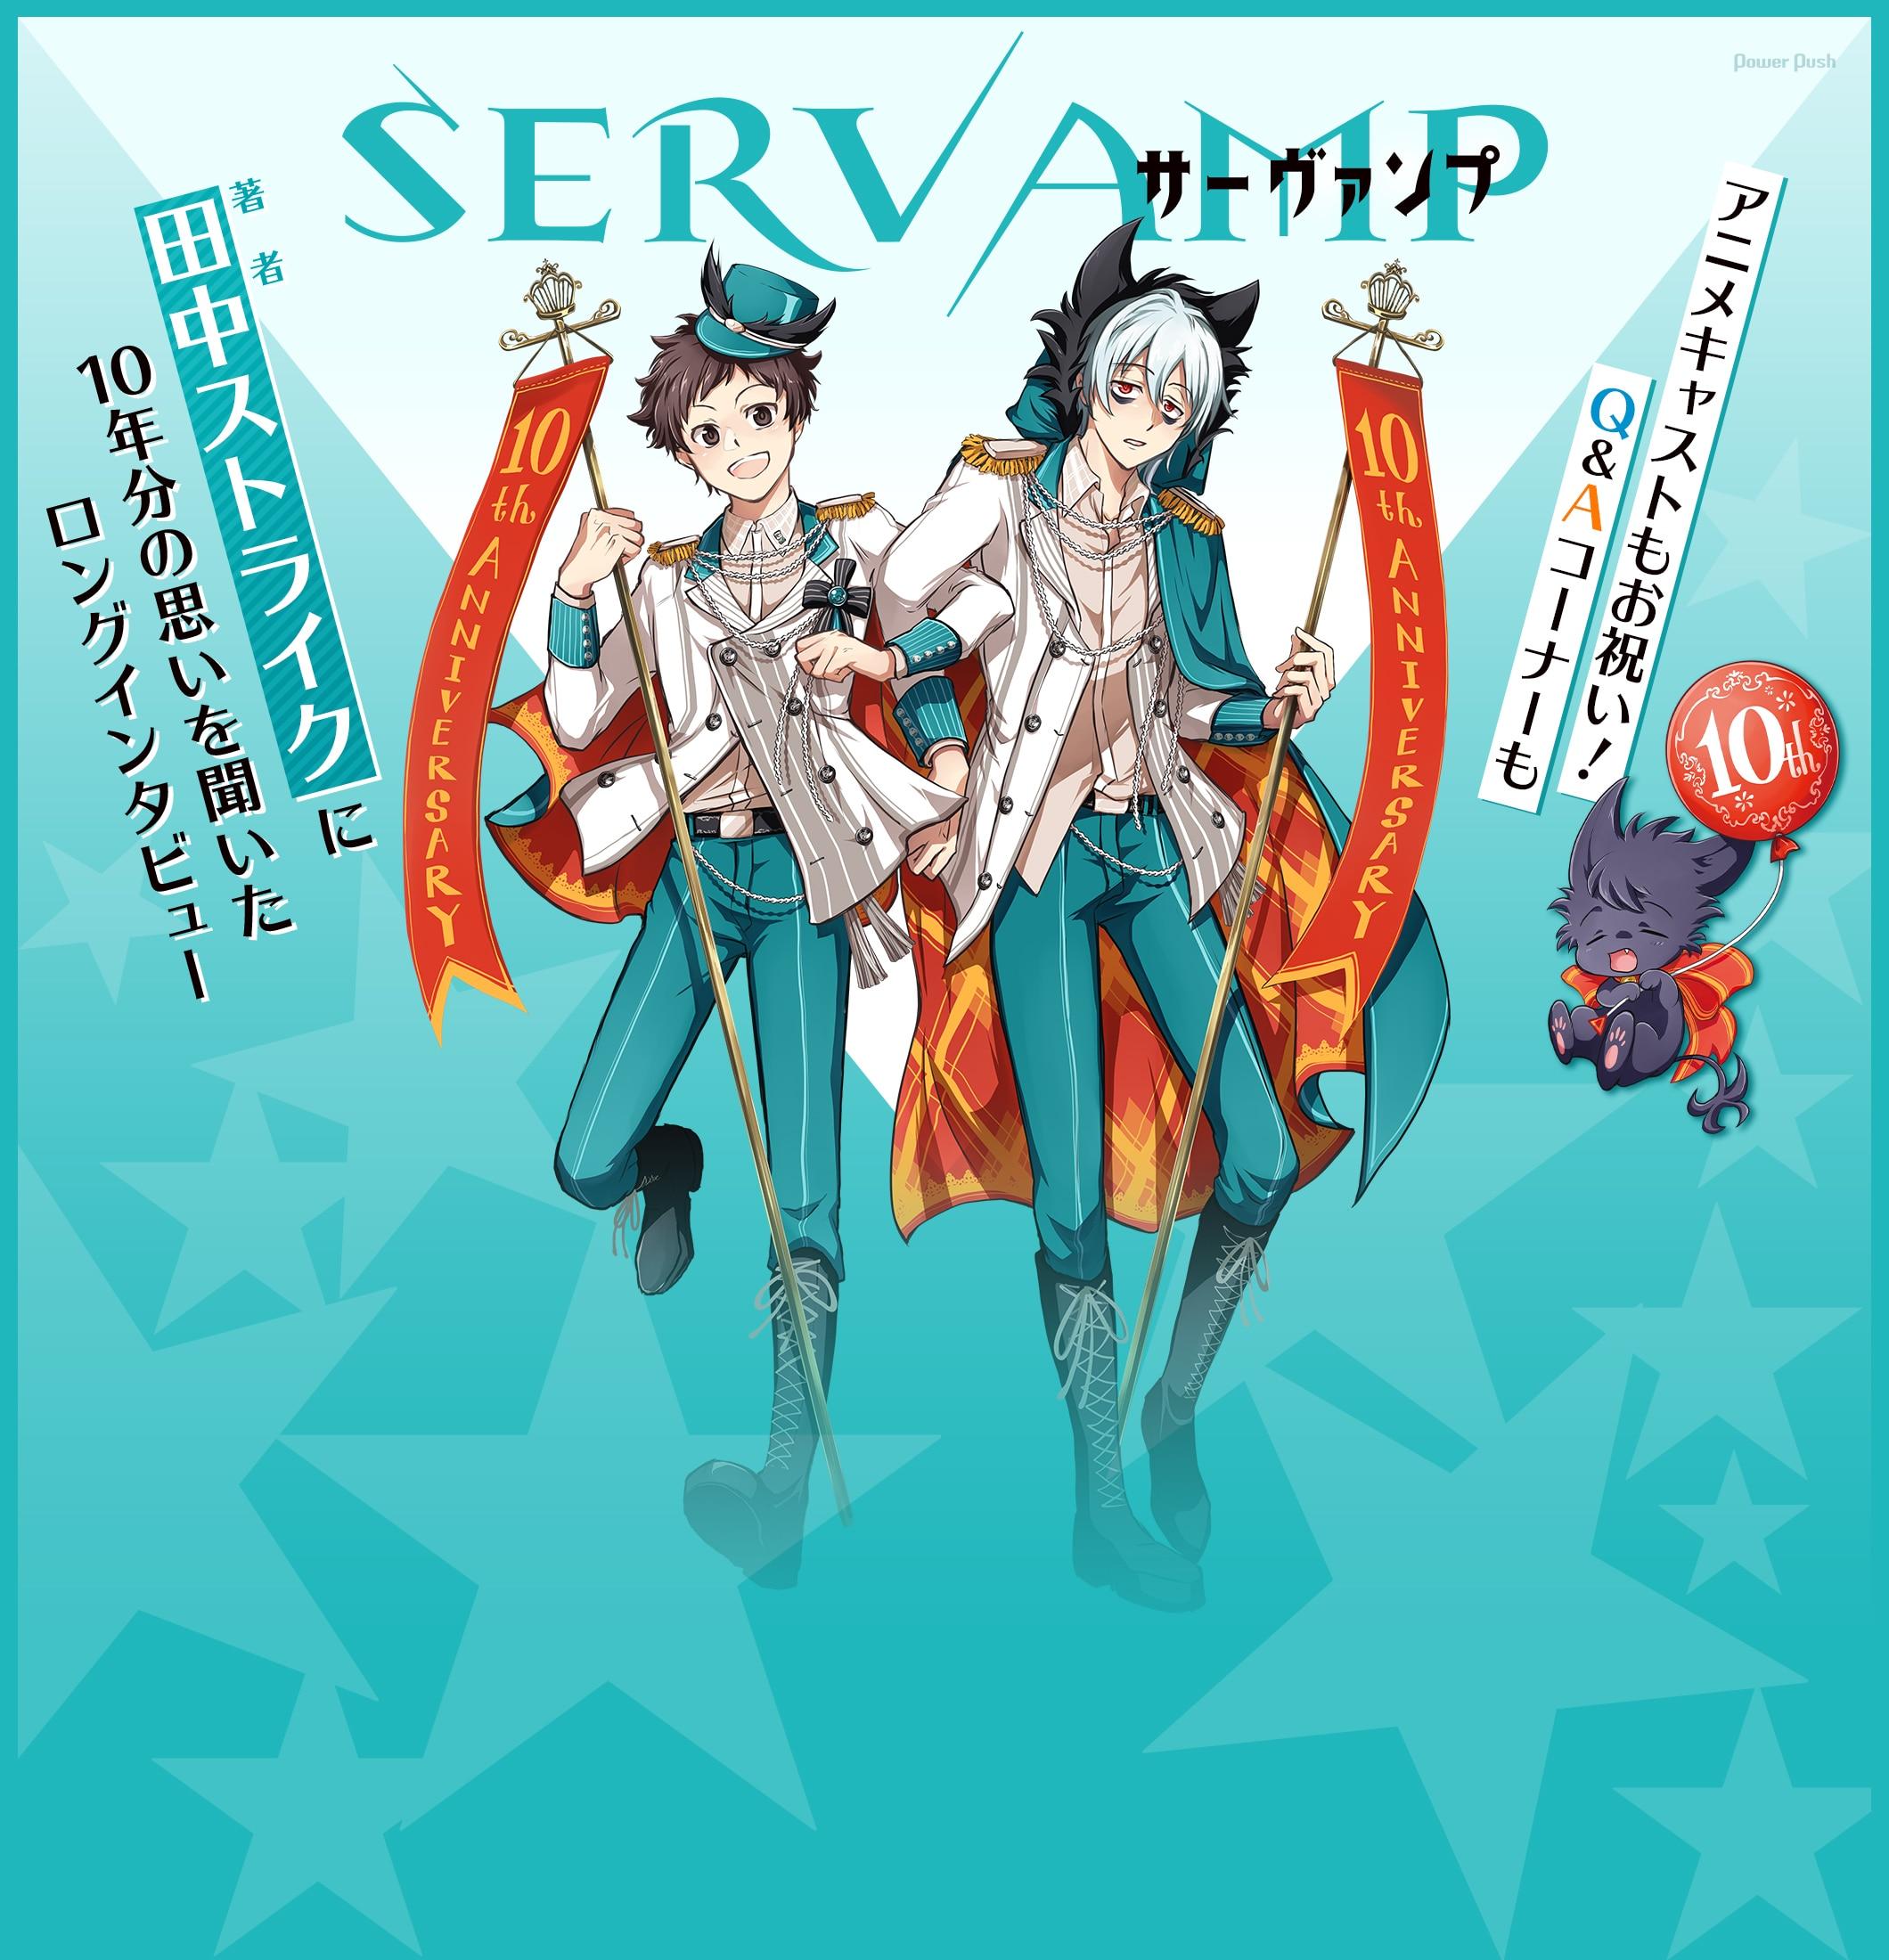 「SERVAMP-サーヴァンプ-」 連載10周年記念!著者・田中ストライクに10年分の思いを聞いたロングインタビュー